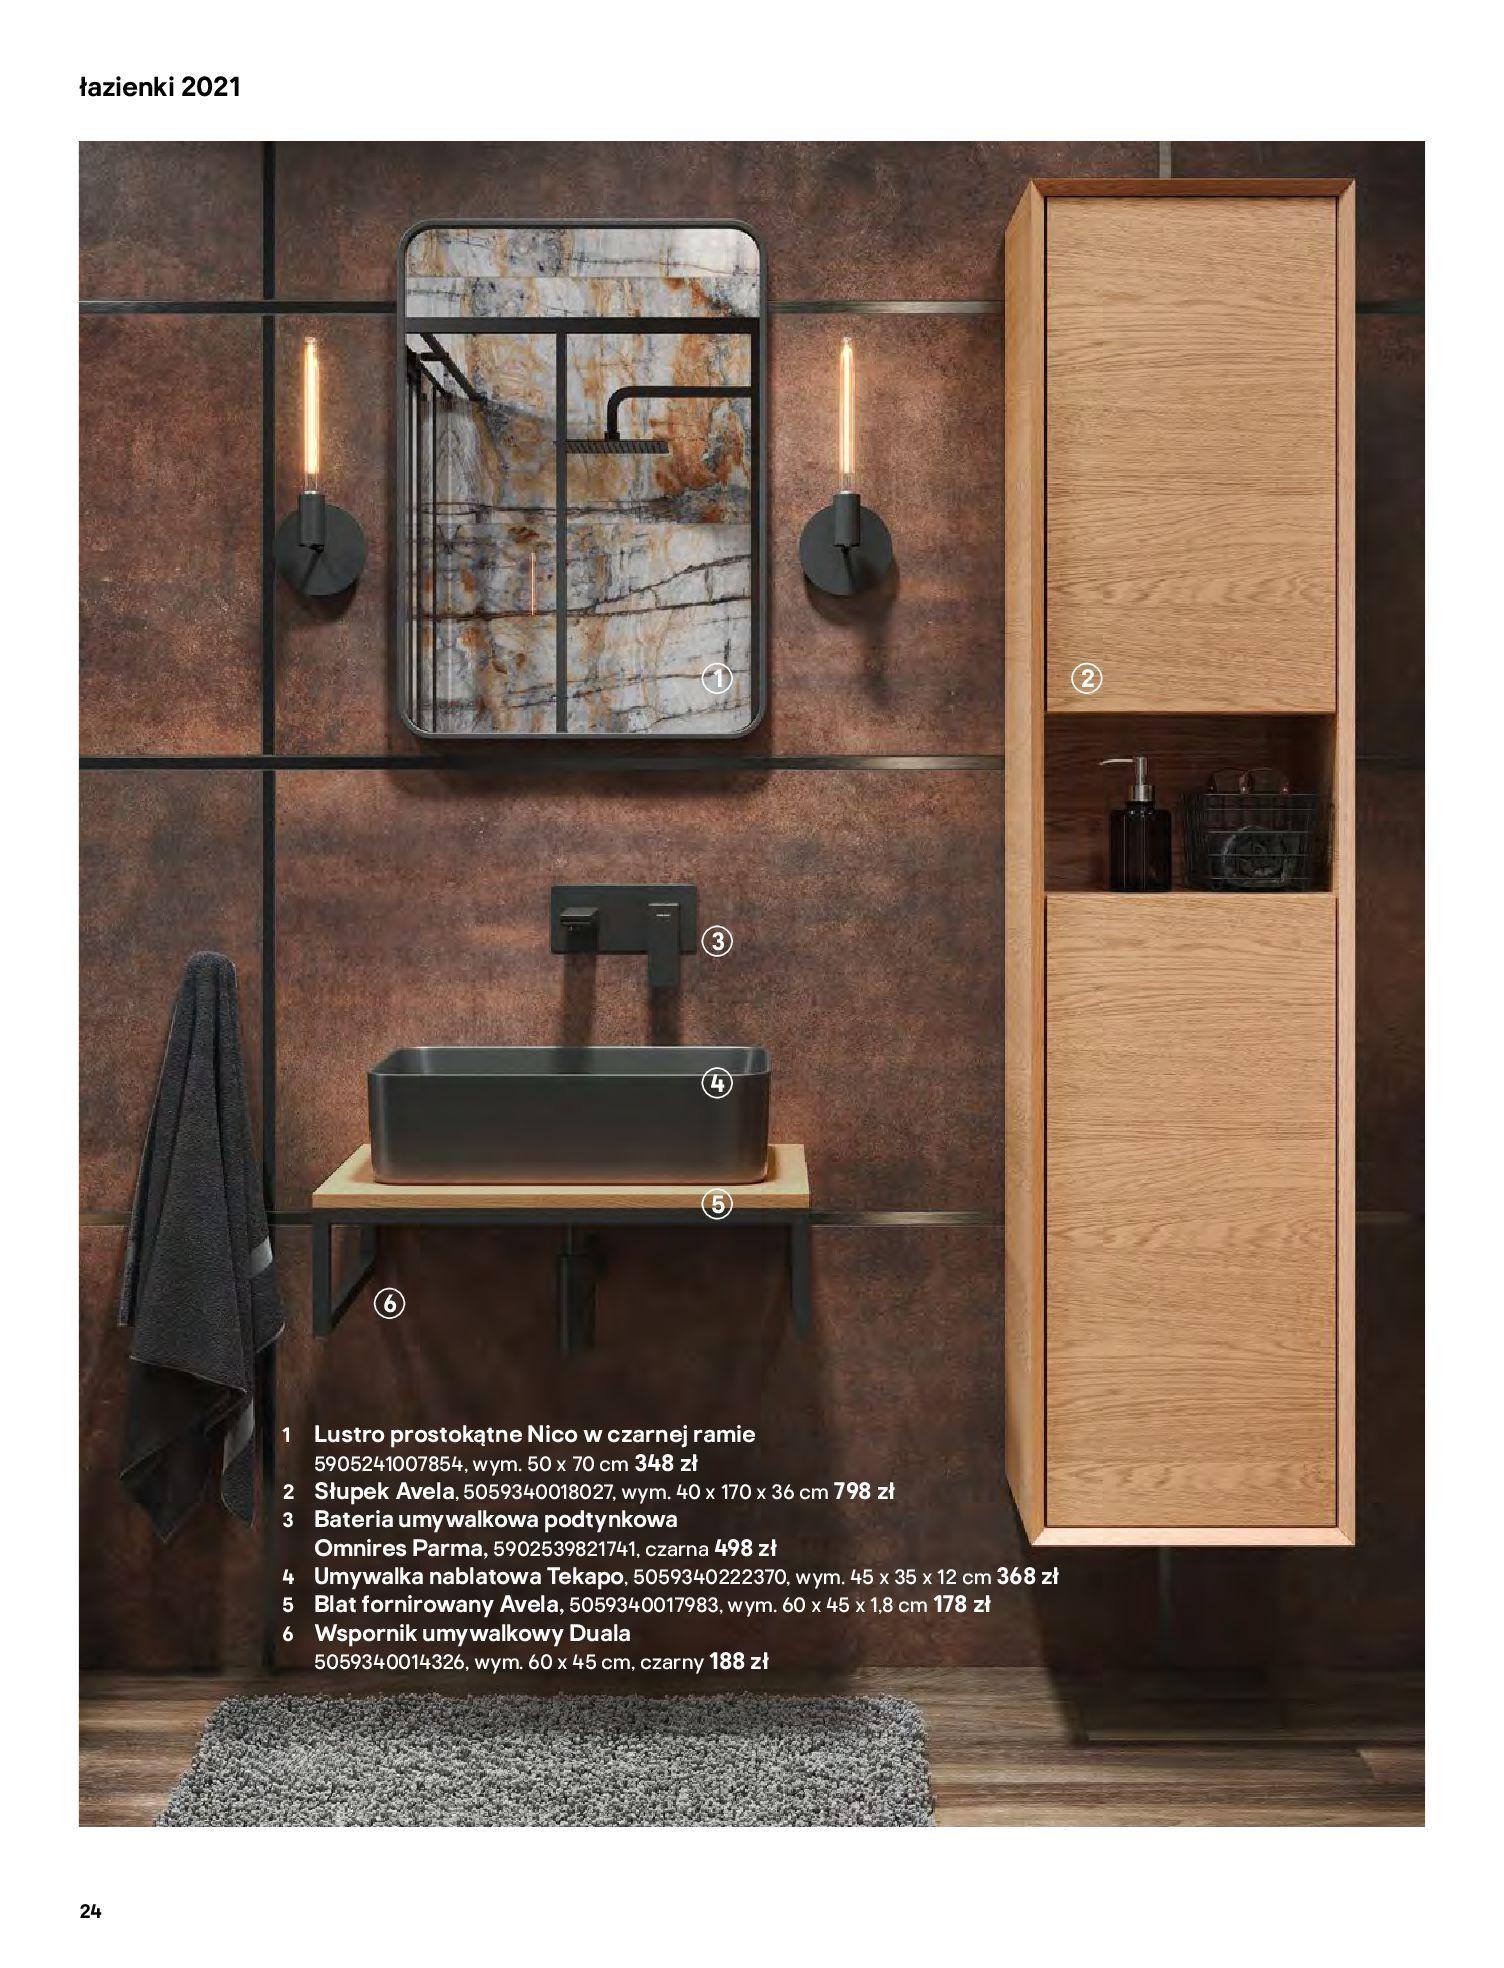 Gazetka Castorama: Gazetka Castorama - katalog łazienki 2021 2021-06-16 page-24